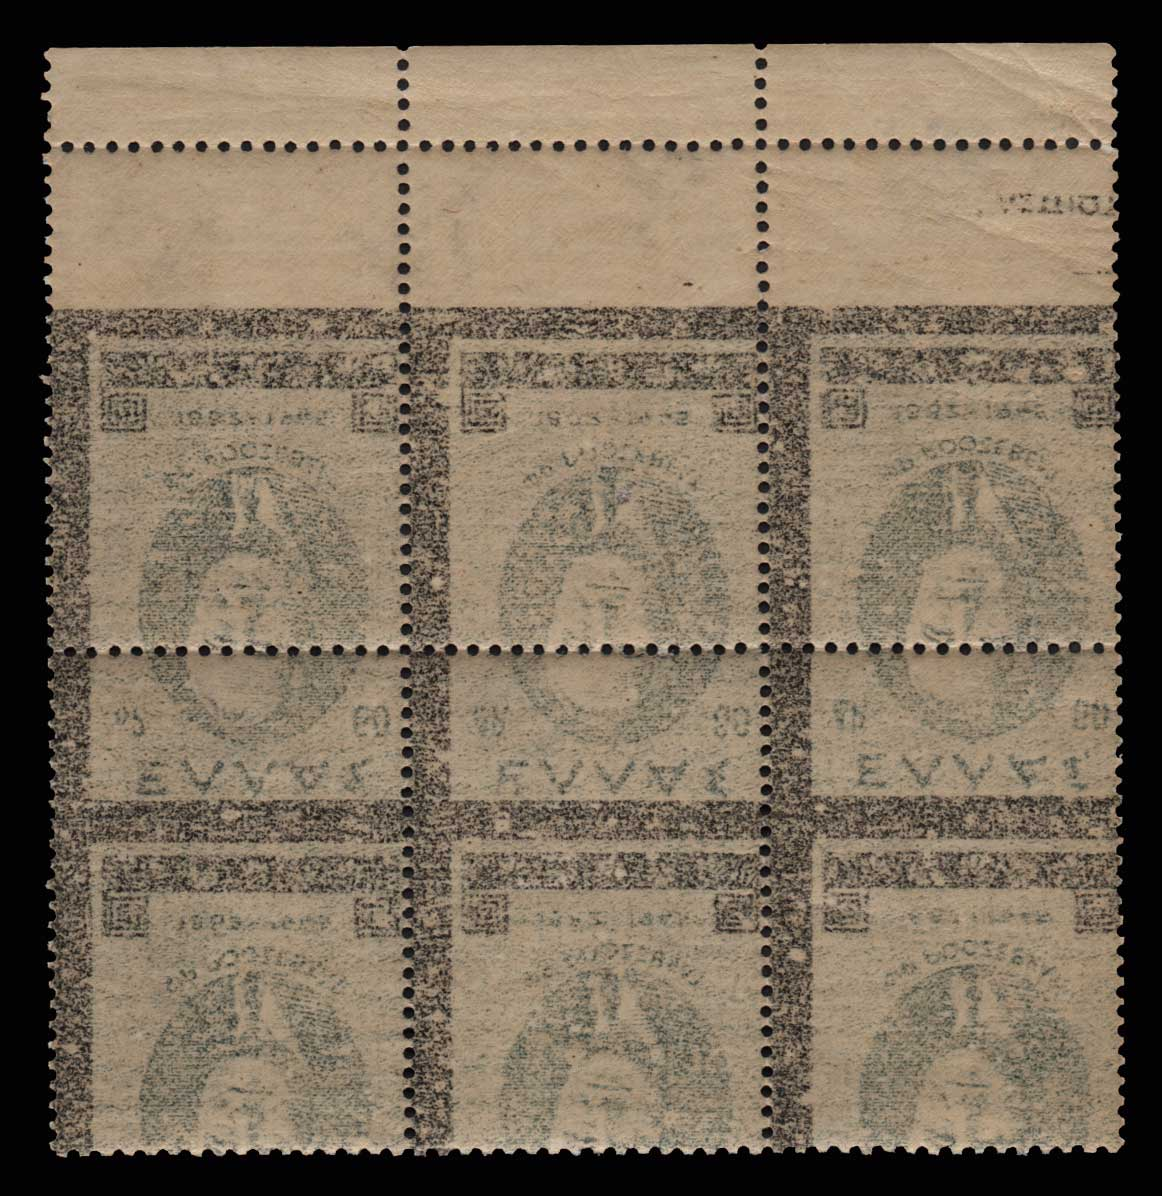 Lot 719 - - 1945-2013 1945-2013 -  Athens Auctions Public Auction 88 General Stamp Sale